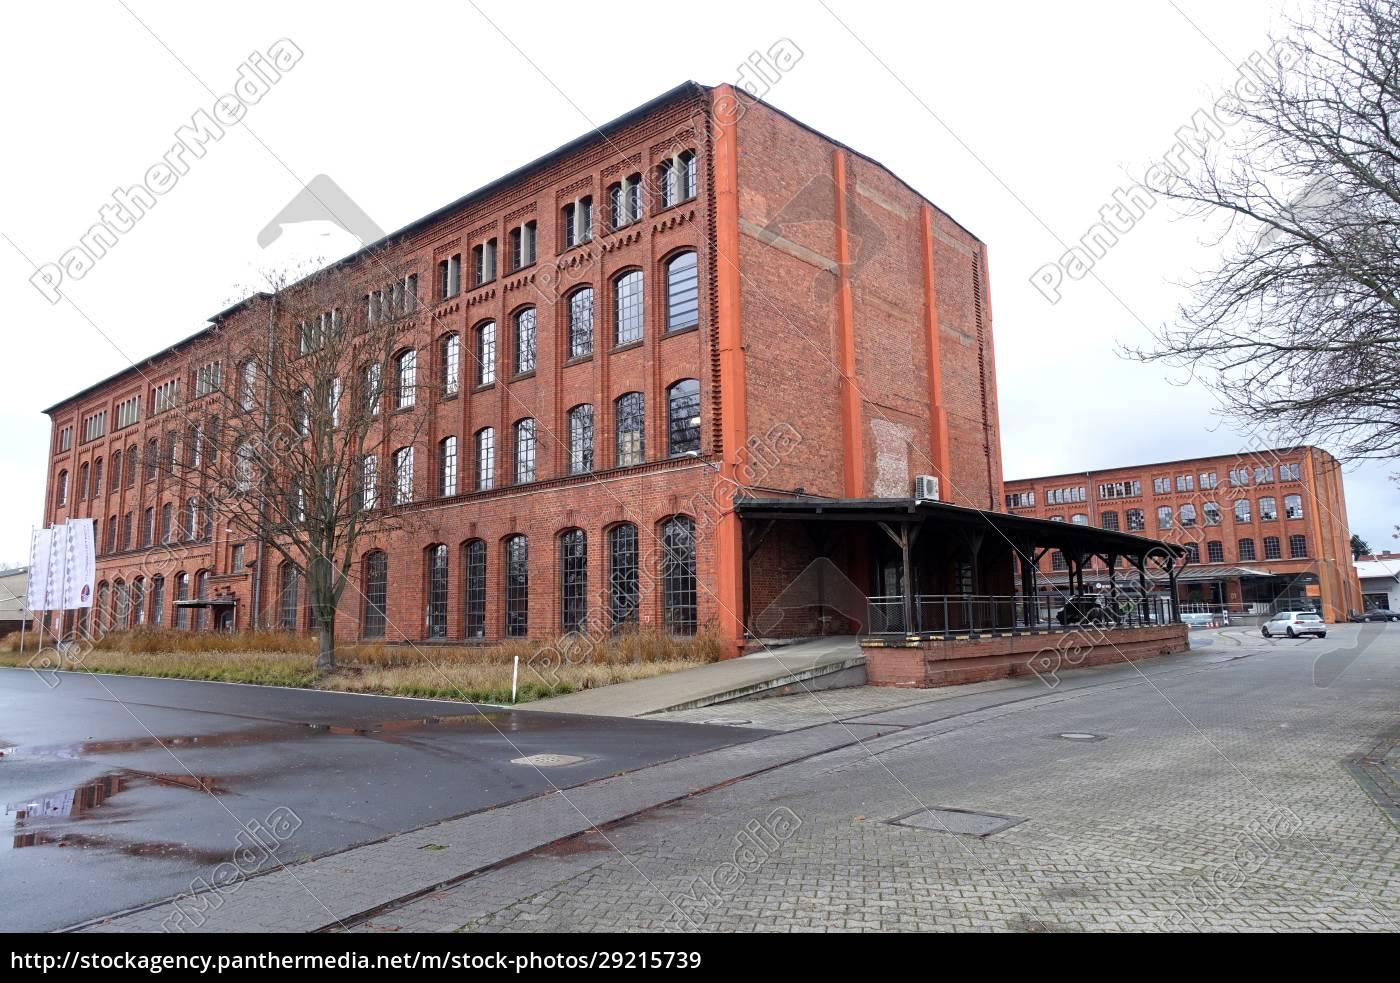 klassikstadt, -, industrial, building, from, 1914, - 29215739